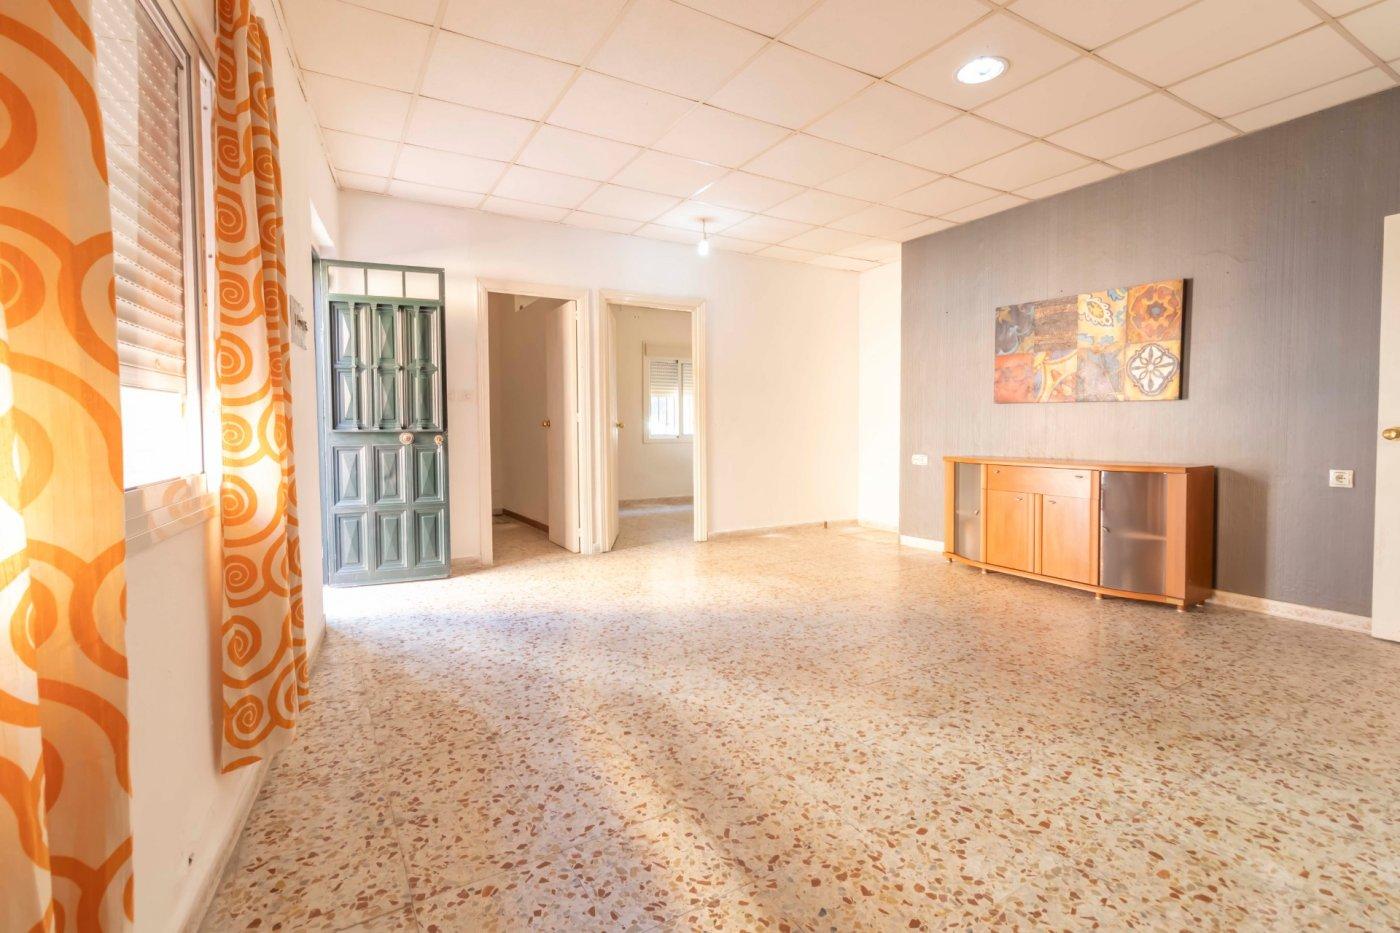 2 pisos a la venta por el precio de uno en zona padre pÍo - imagenInmueble18